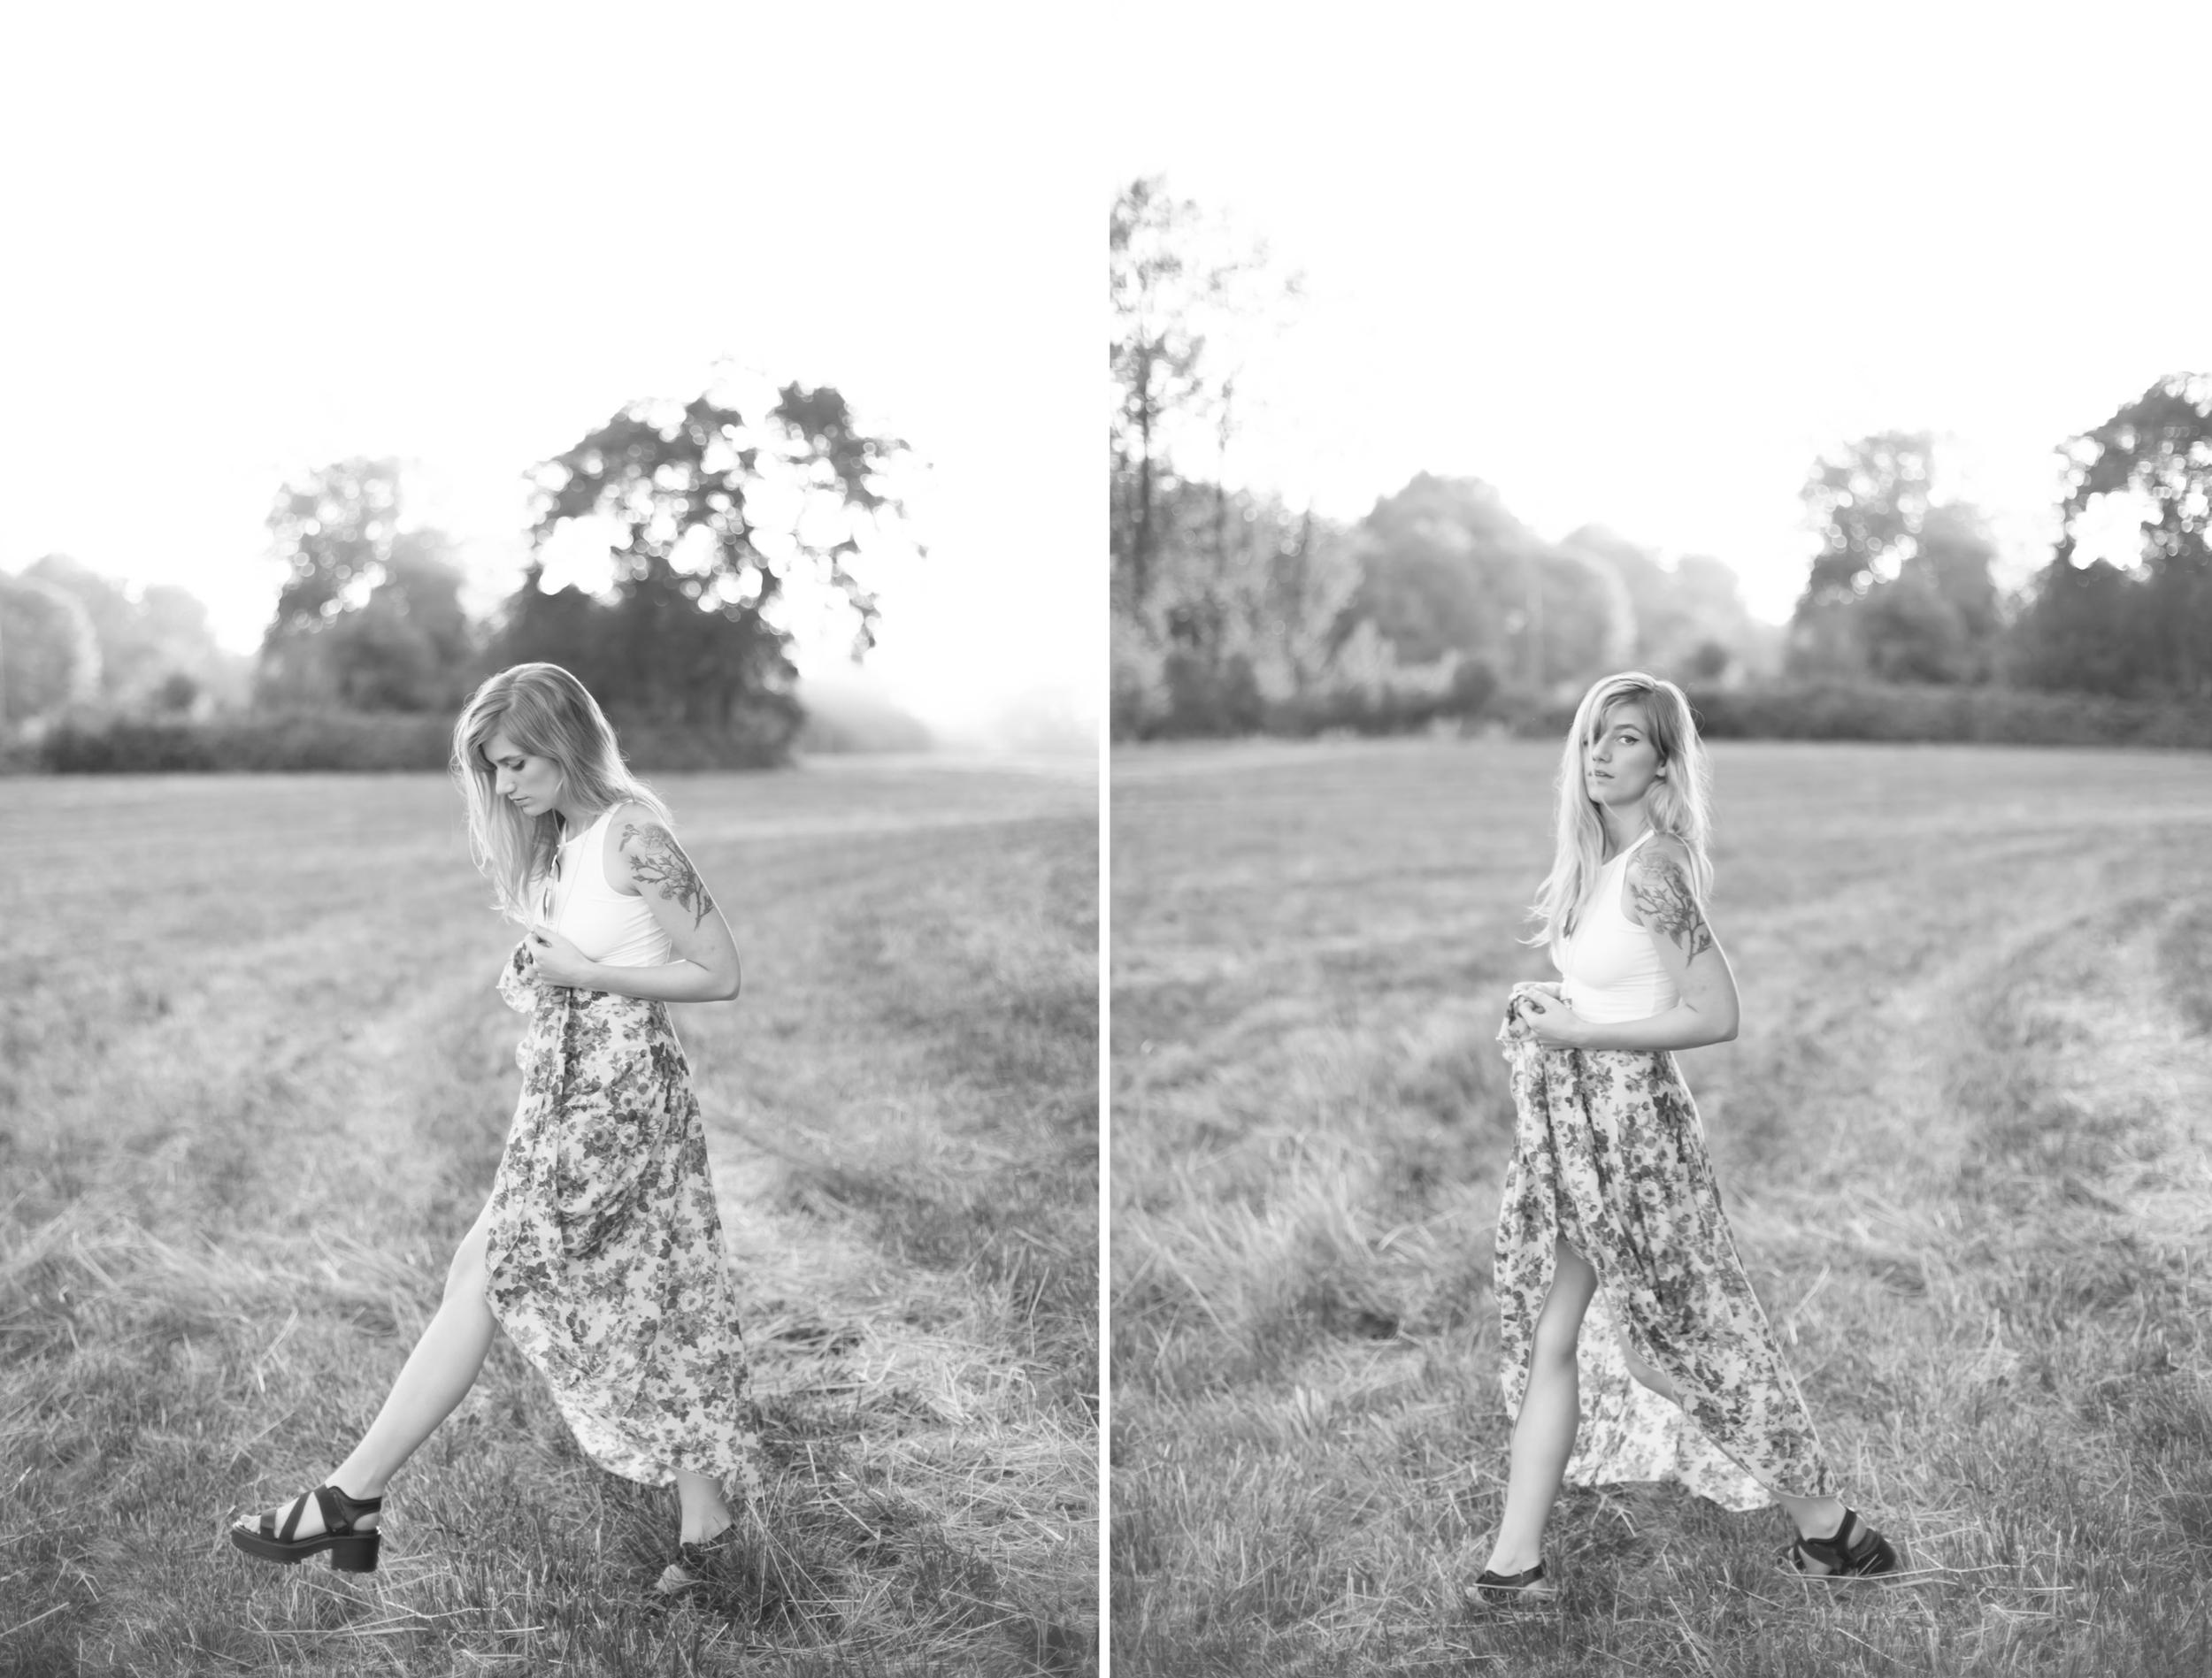 olivia_ashton_photography_ally27